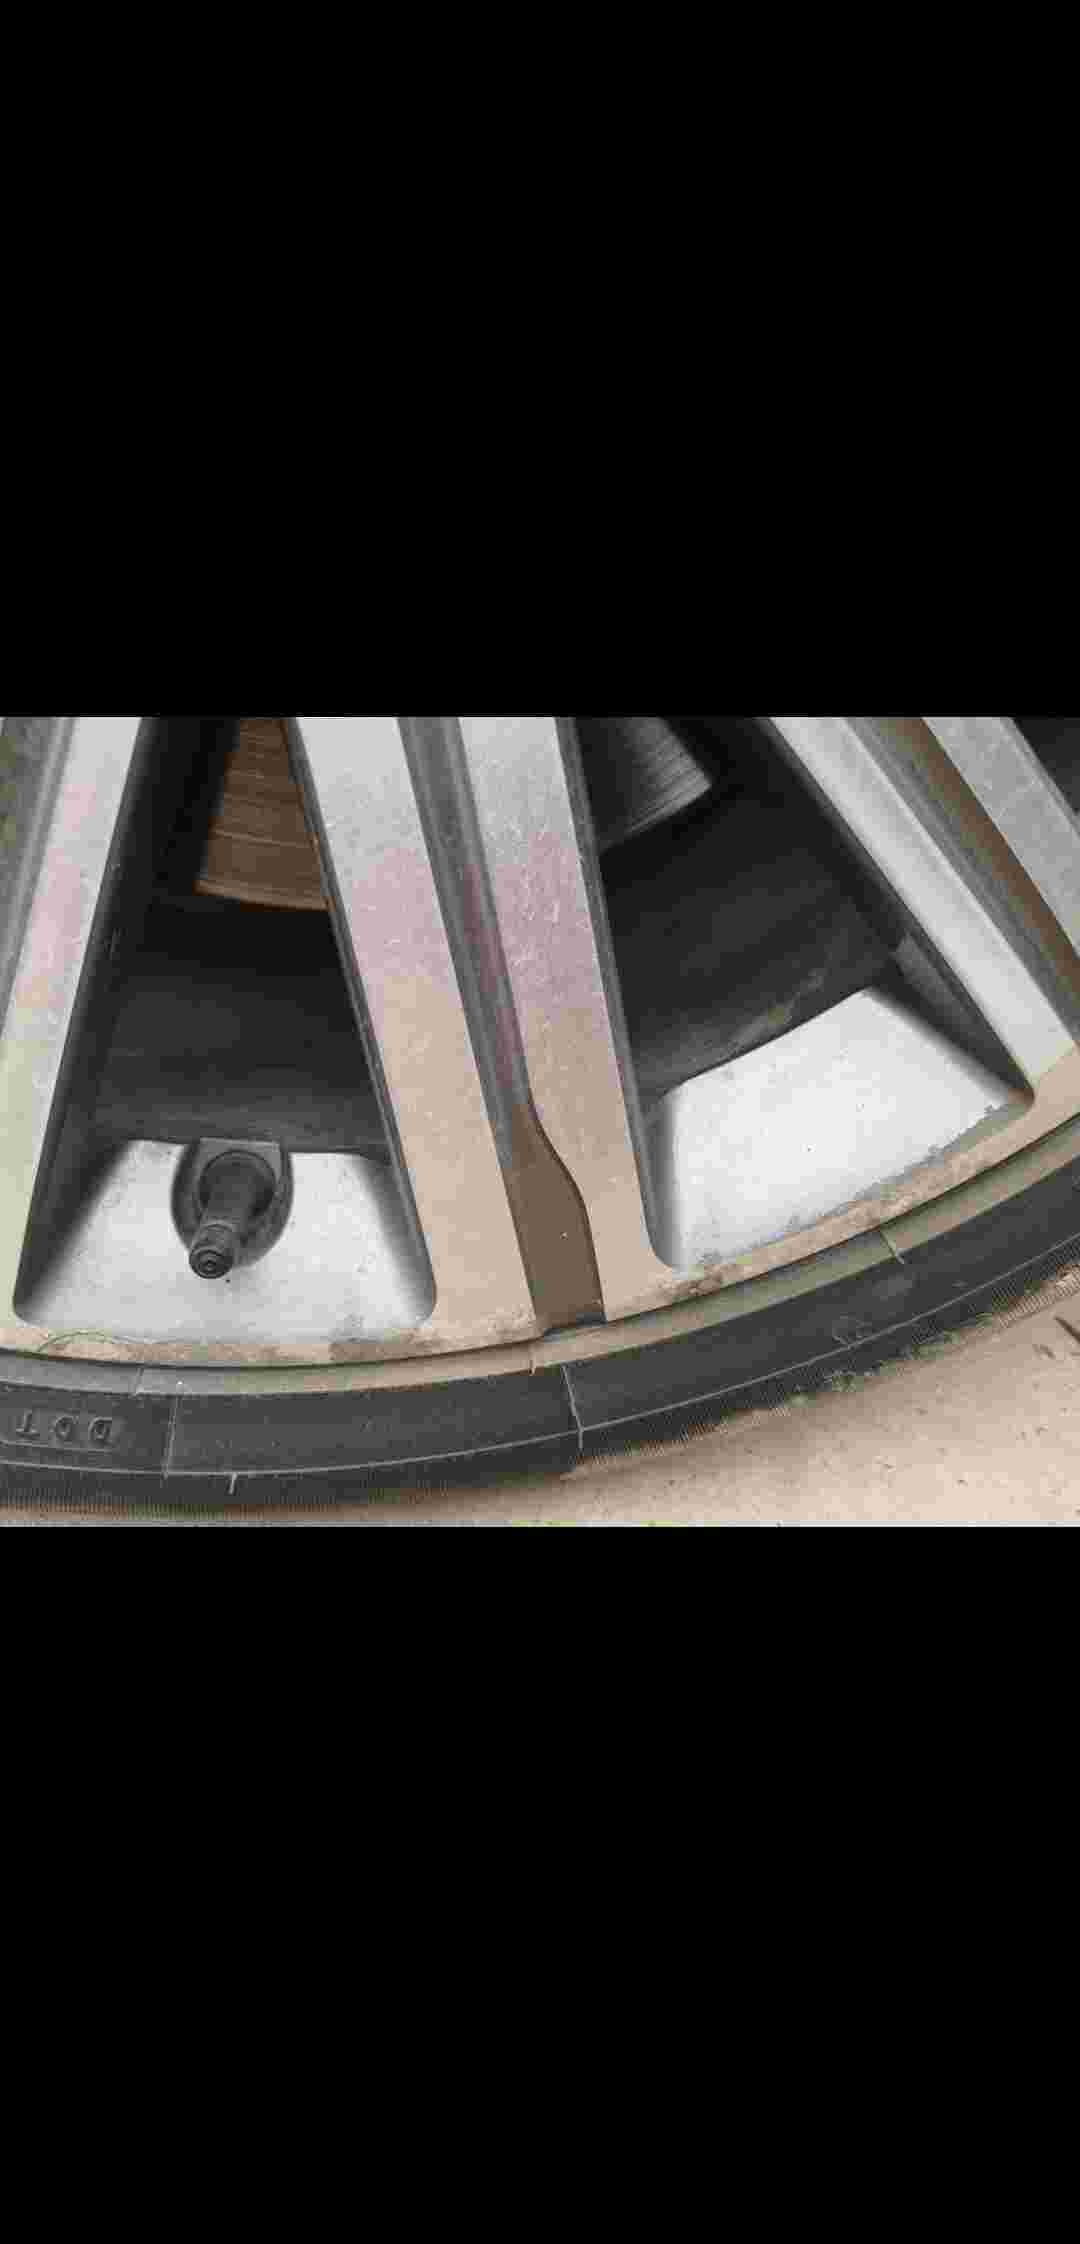 东风标致408发动机故障,轮毂腐烂